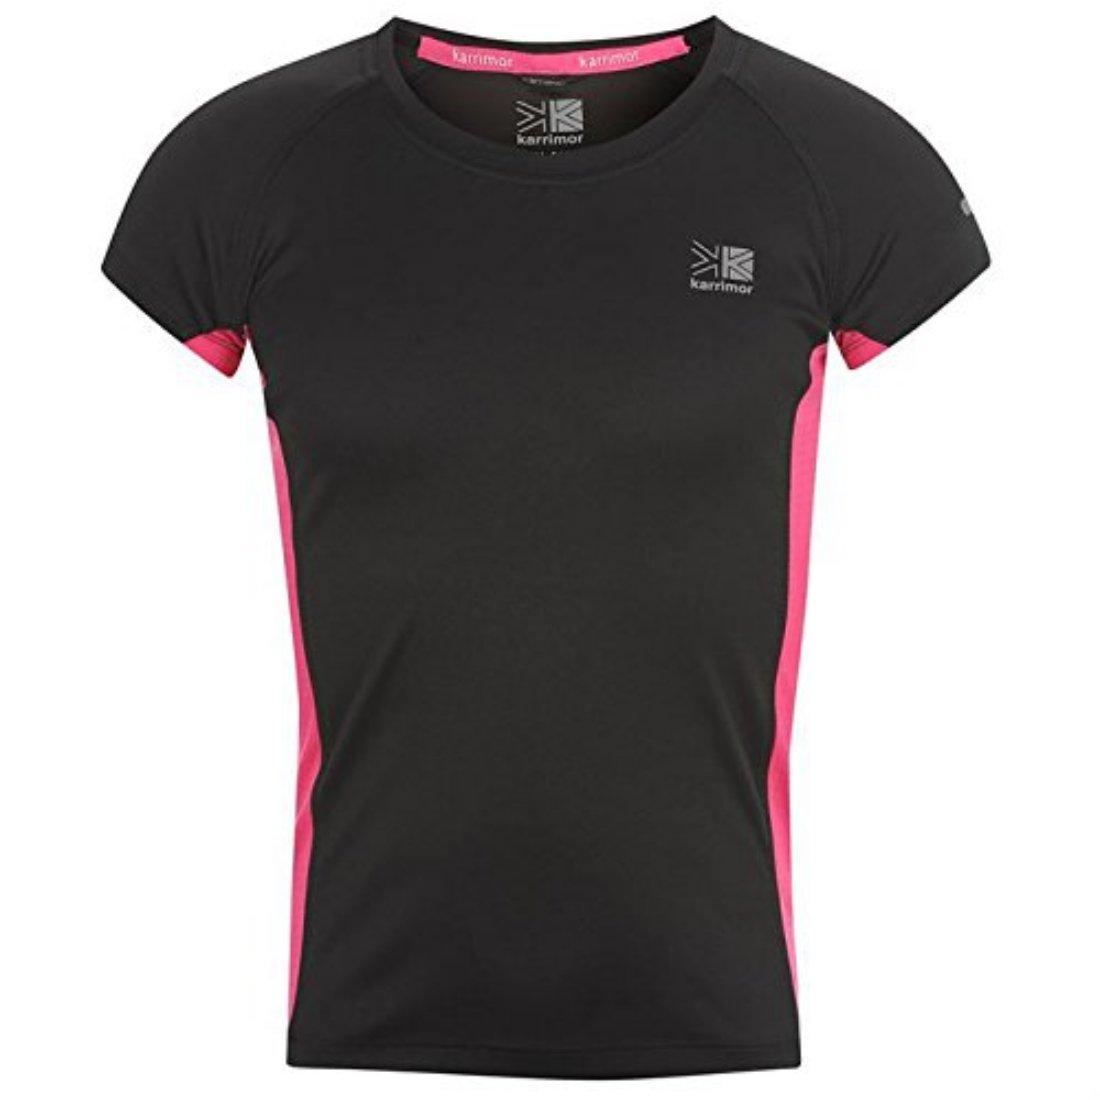 Karrimor Kids Short Sleeved Running T Shirt Juniors Boys Breathable Jogging New